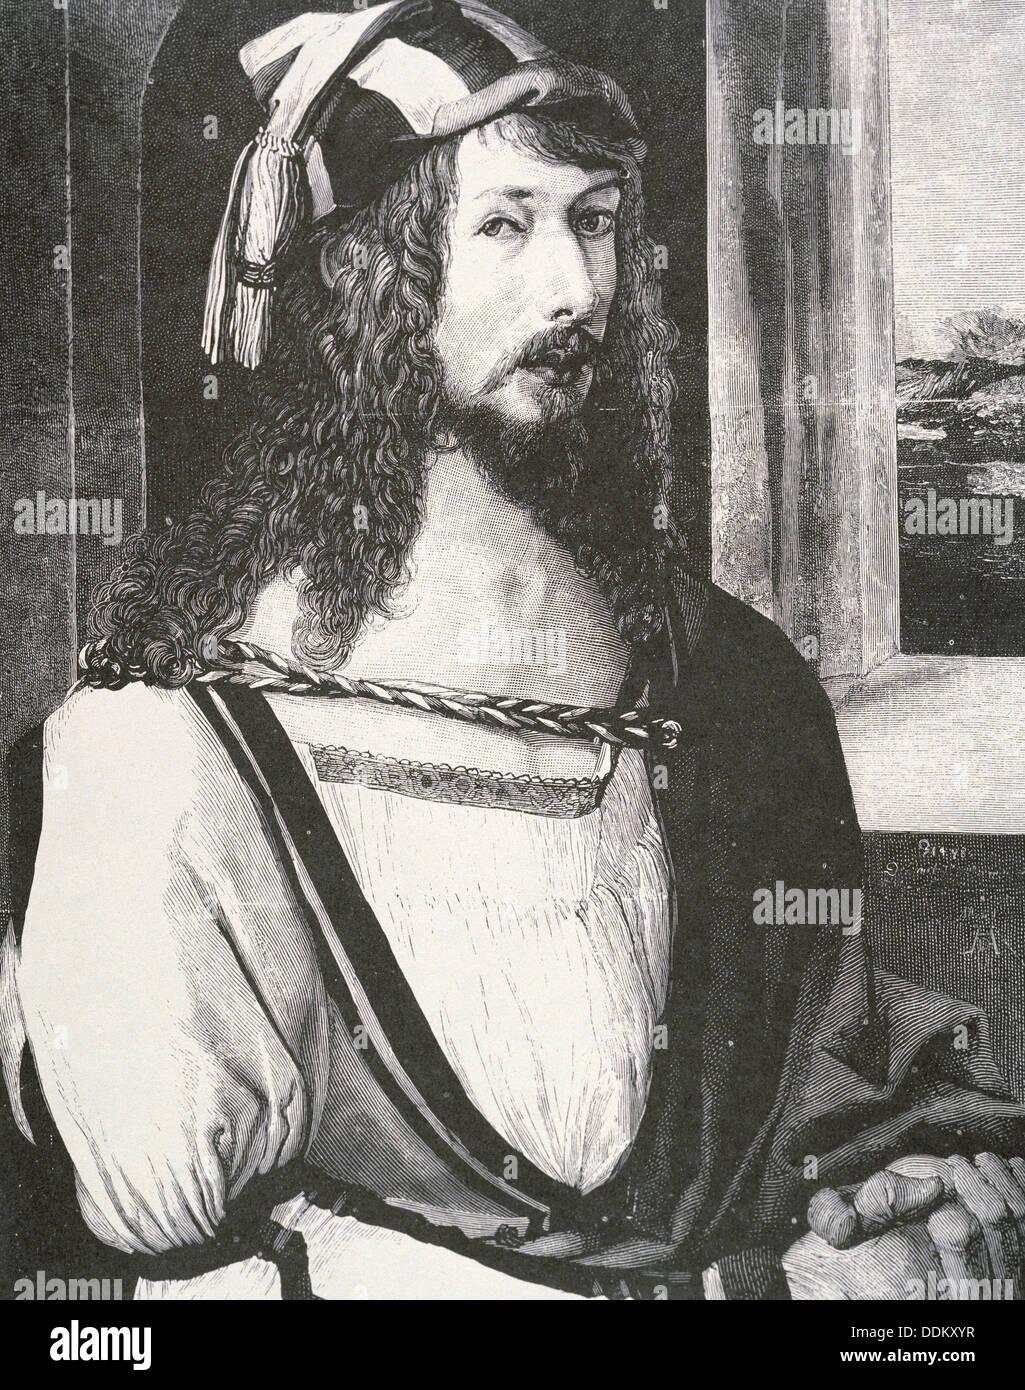 Albrecht Dürer (1471-1528), deutscher Maler und Grafiker. Gravur von ein Selbstporträt Stockbild